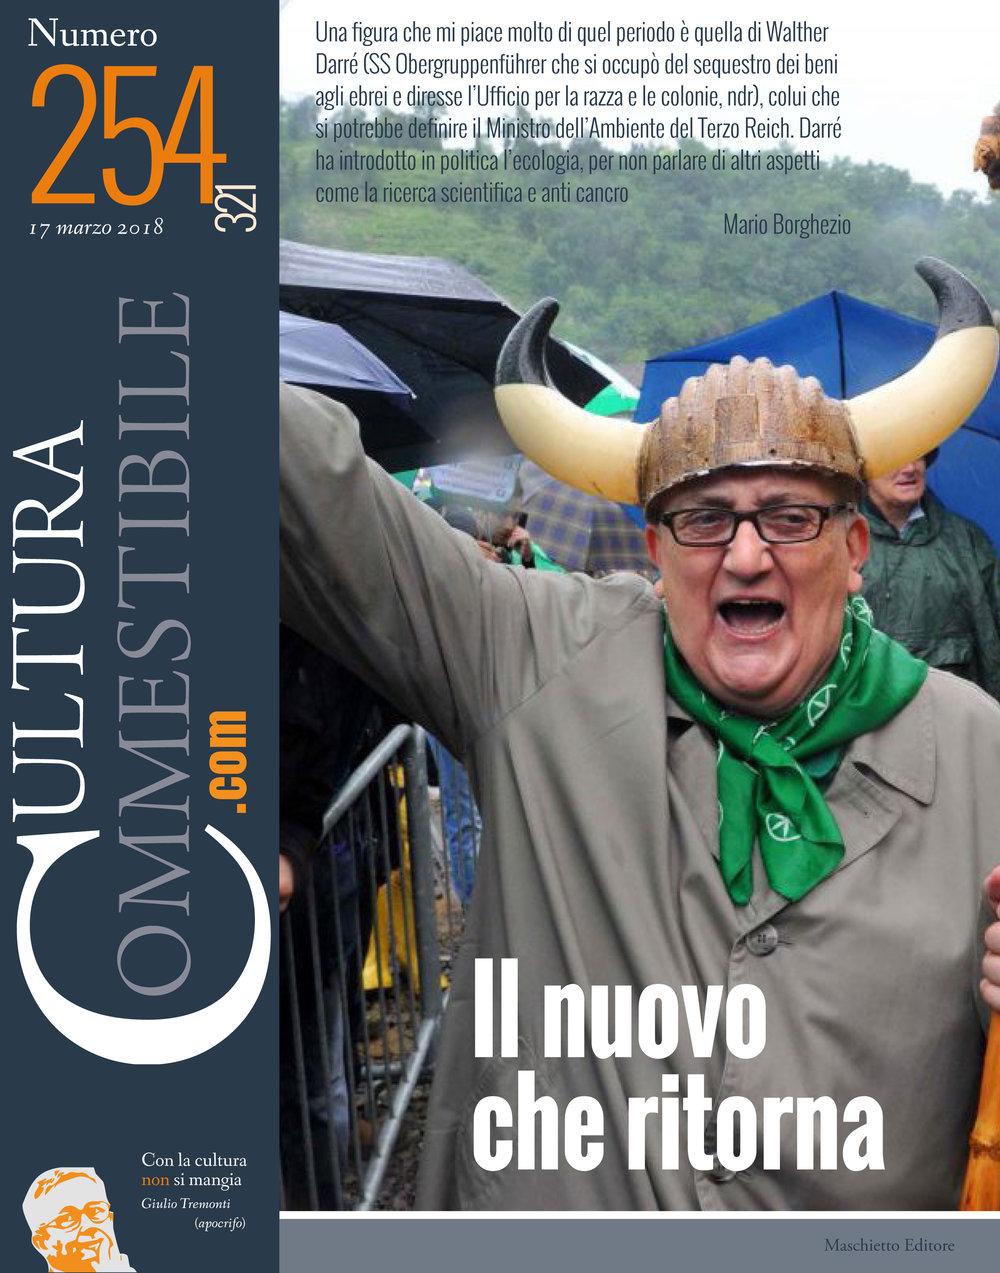 Cultura-Commestibile-254-1.jpg